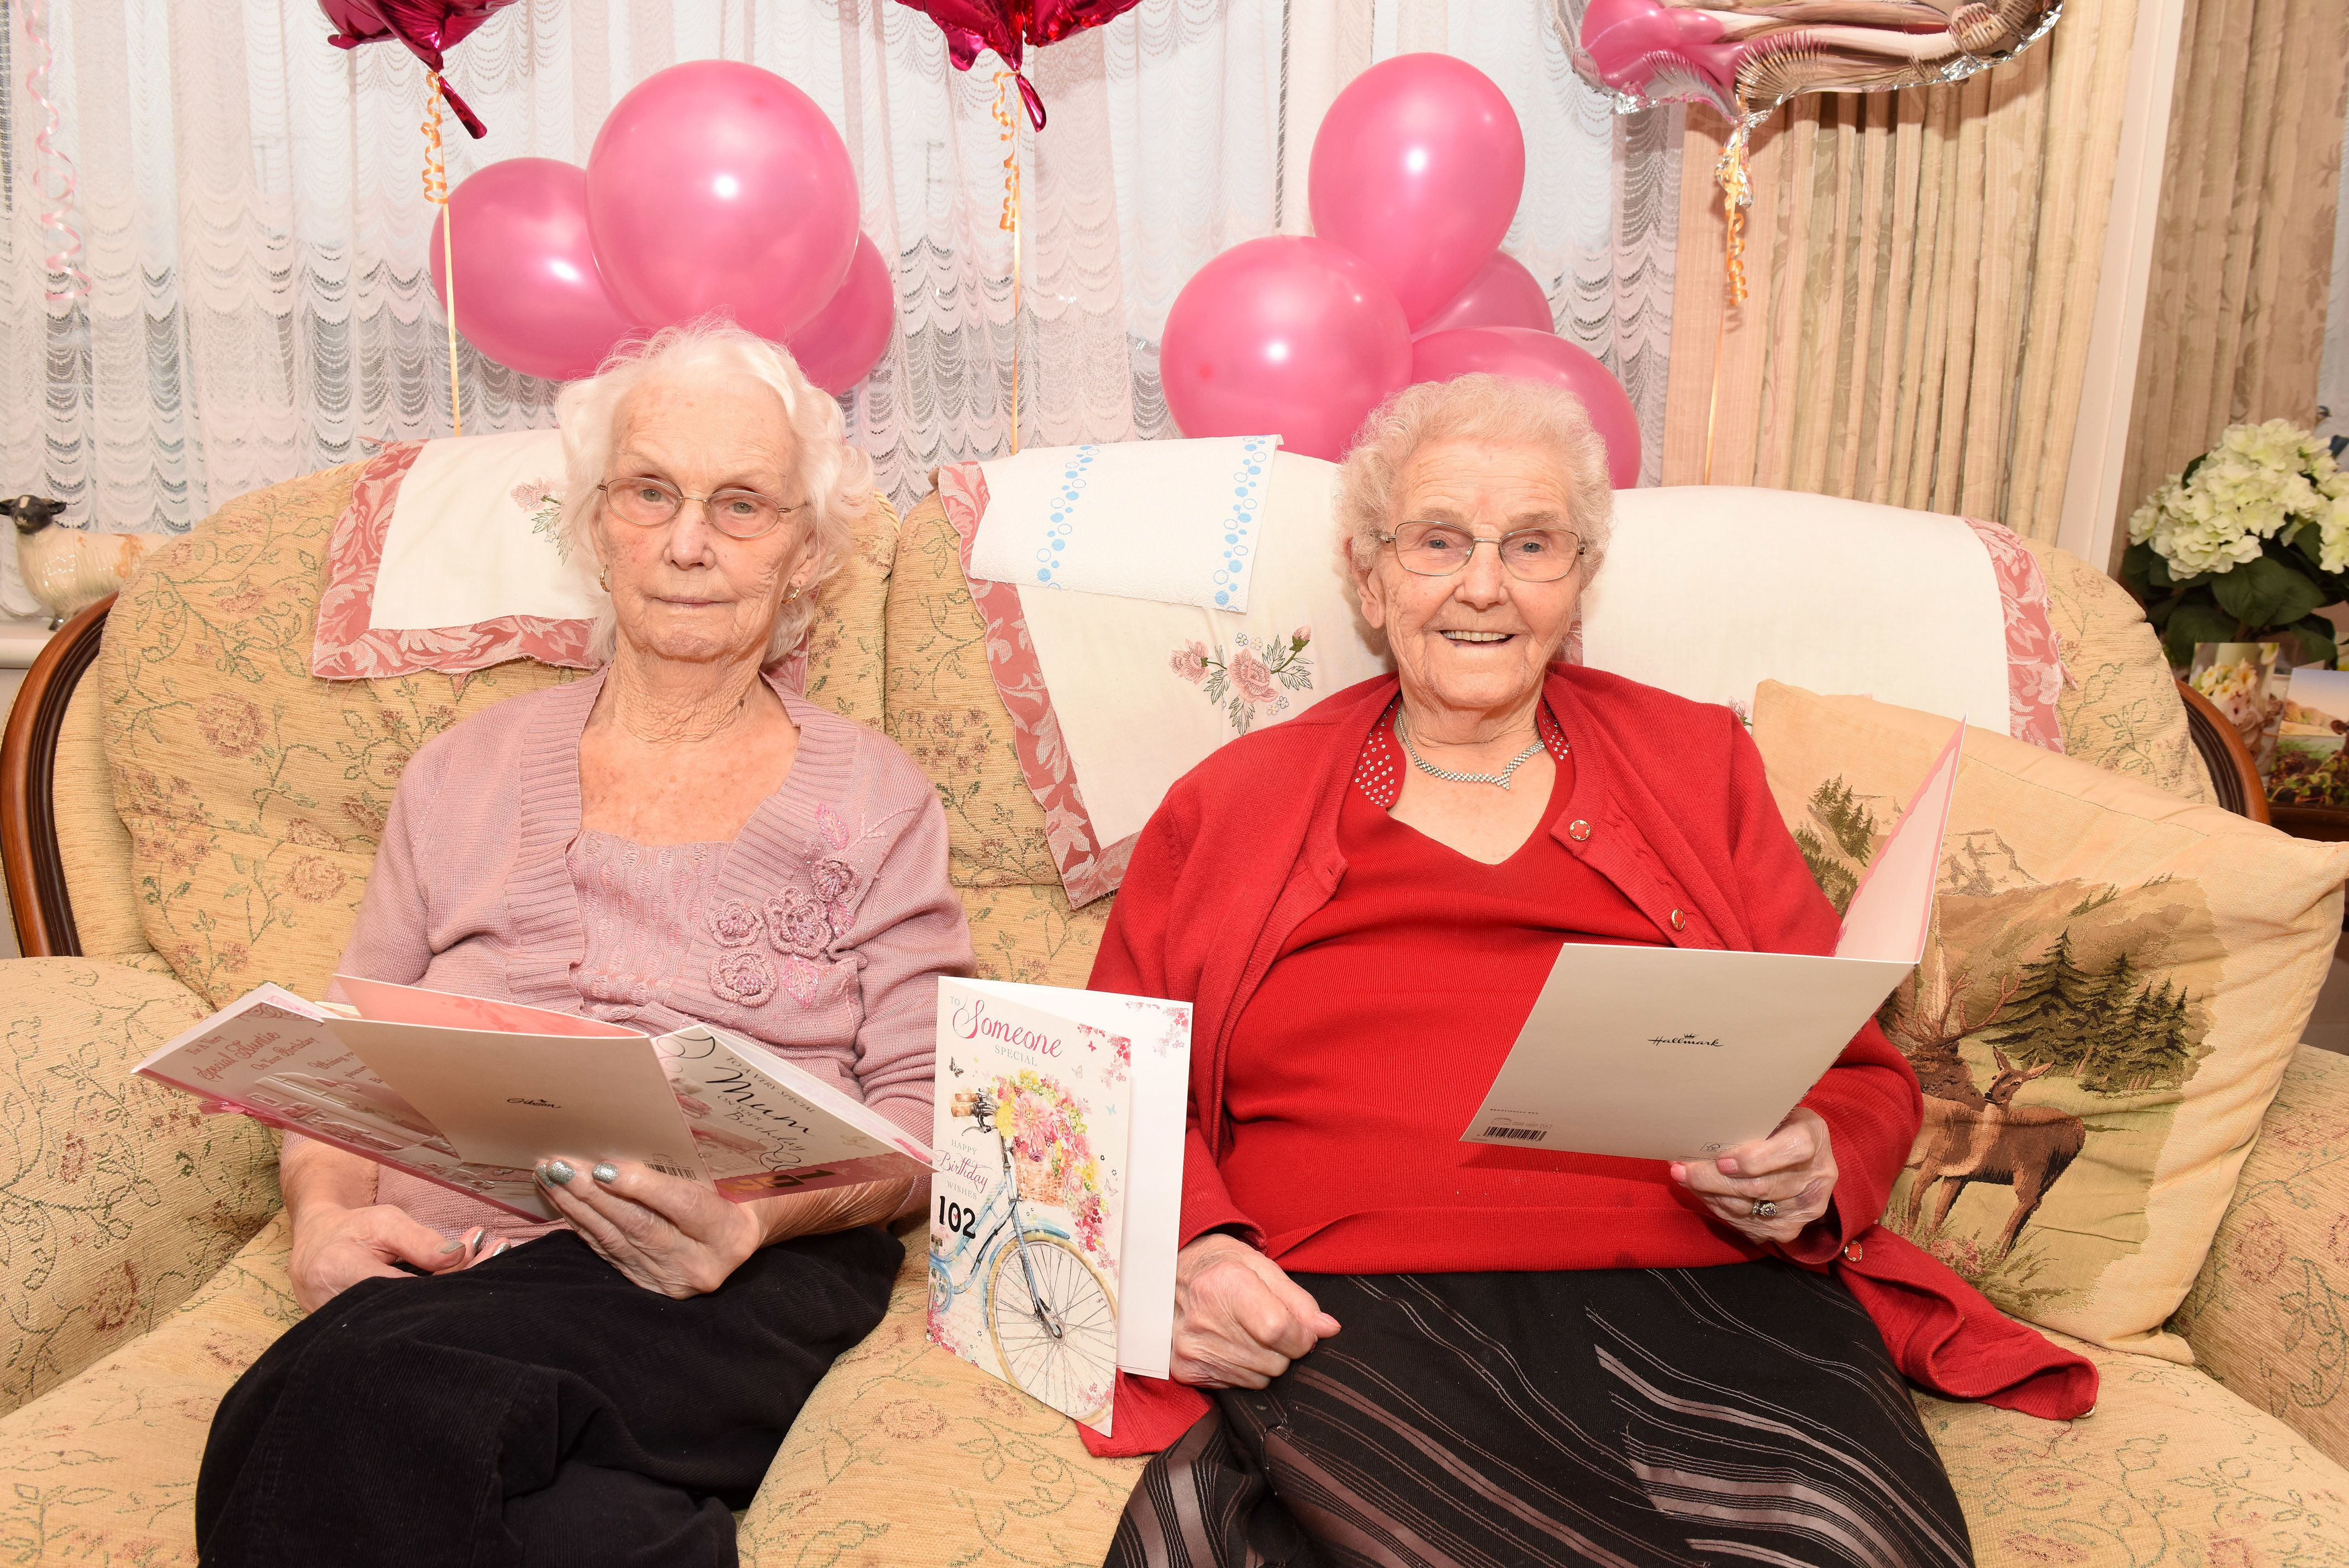 102-jährige Zwillinge verraten Geheimnis ihres Alters – beide haben unterschiedliche Begründungen